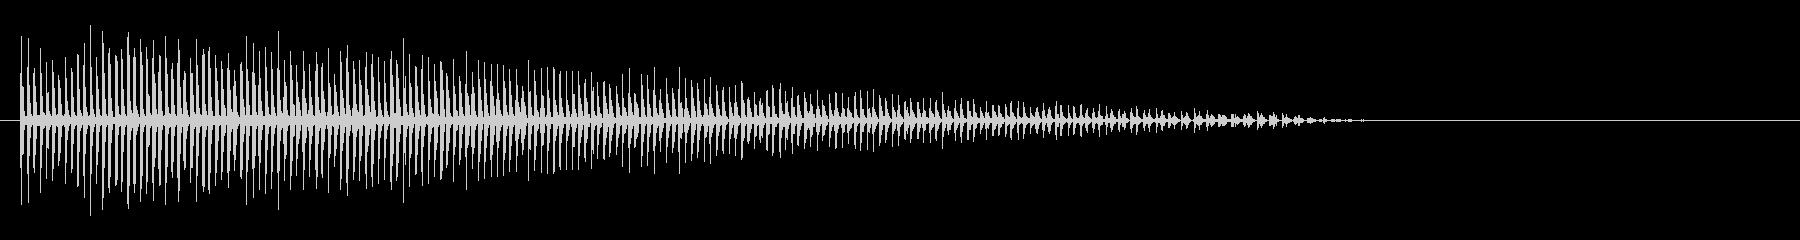 定番「カーッ!」ビブラスラップの音FX3の未再生の波形